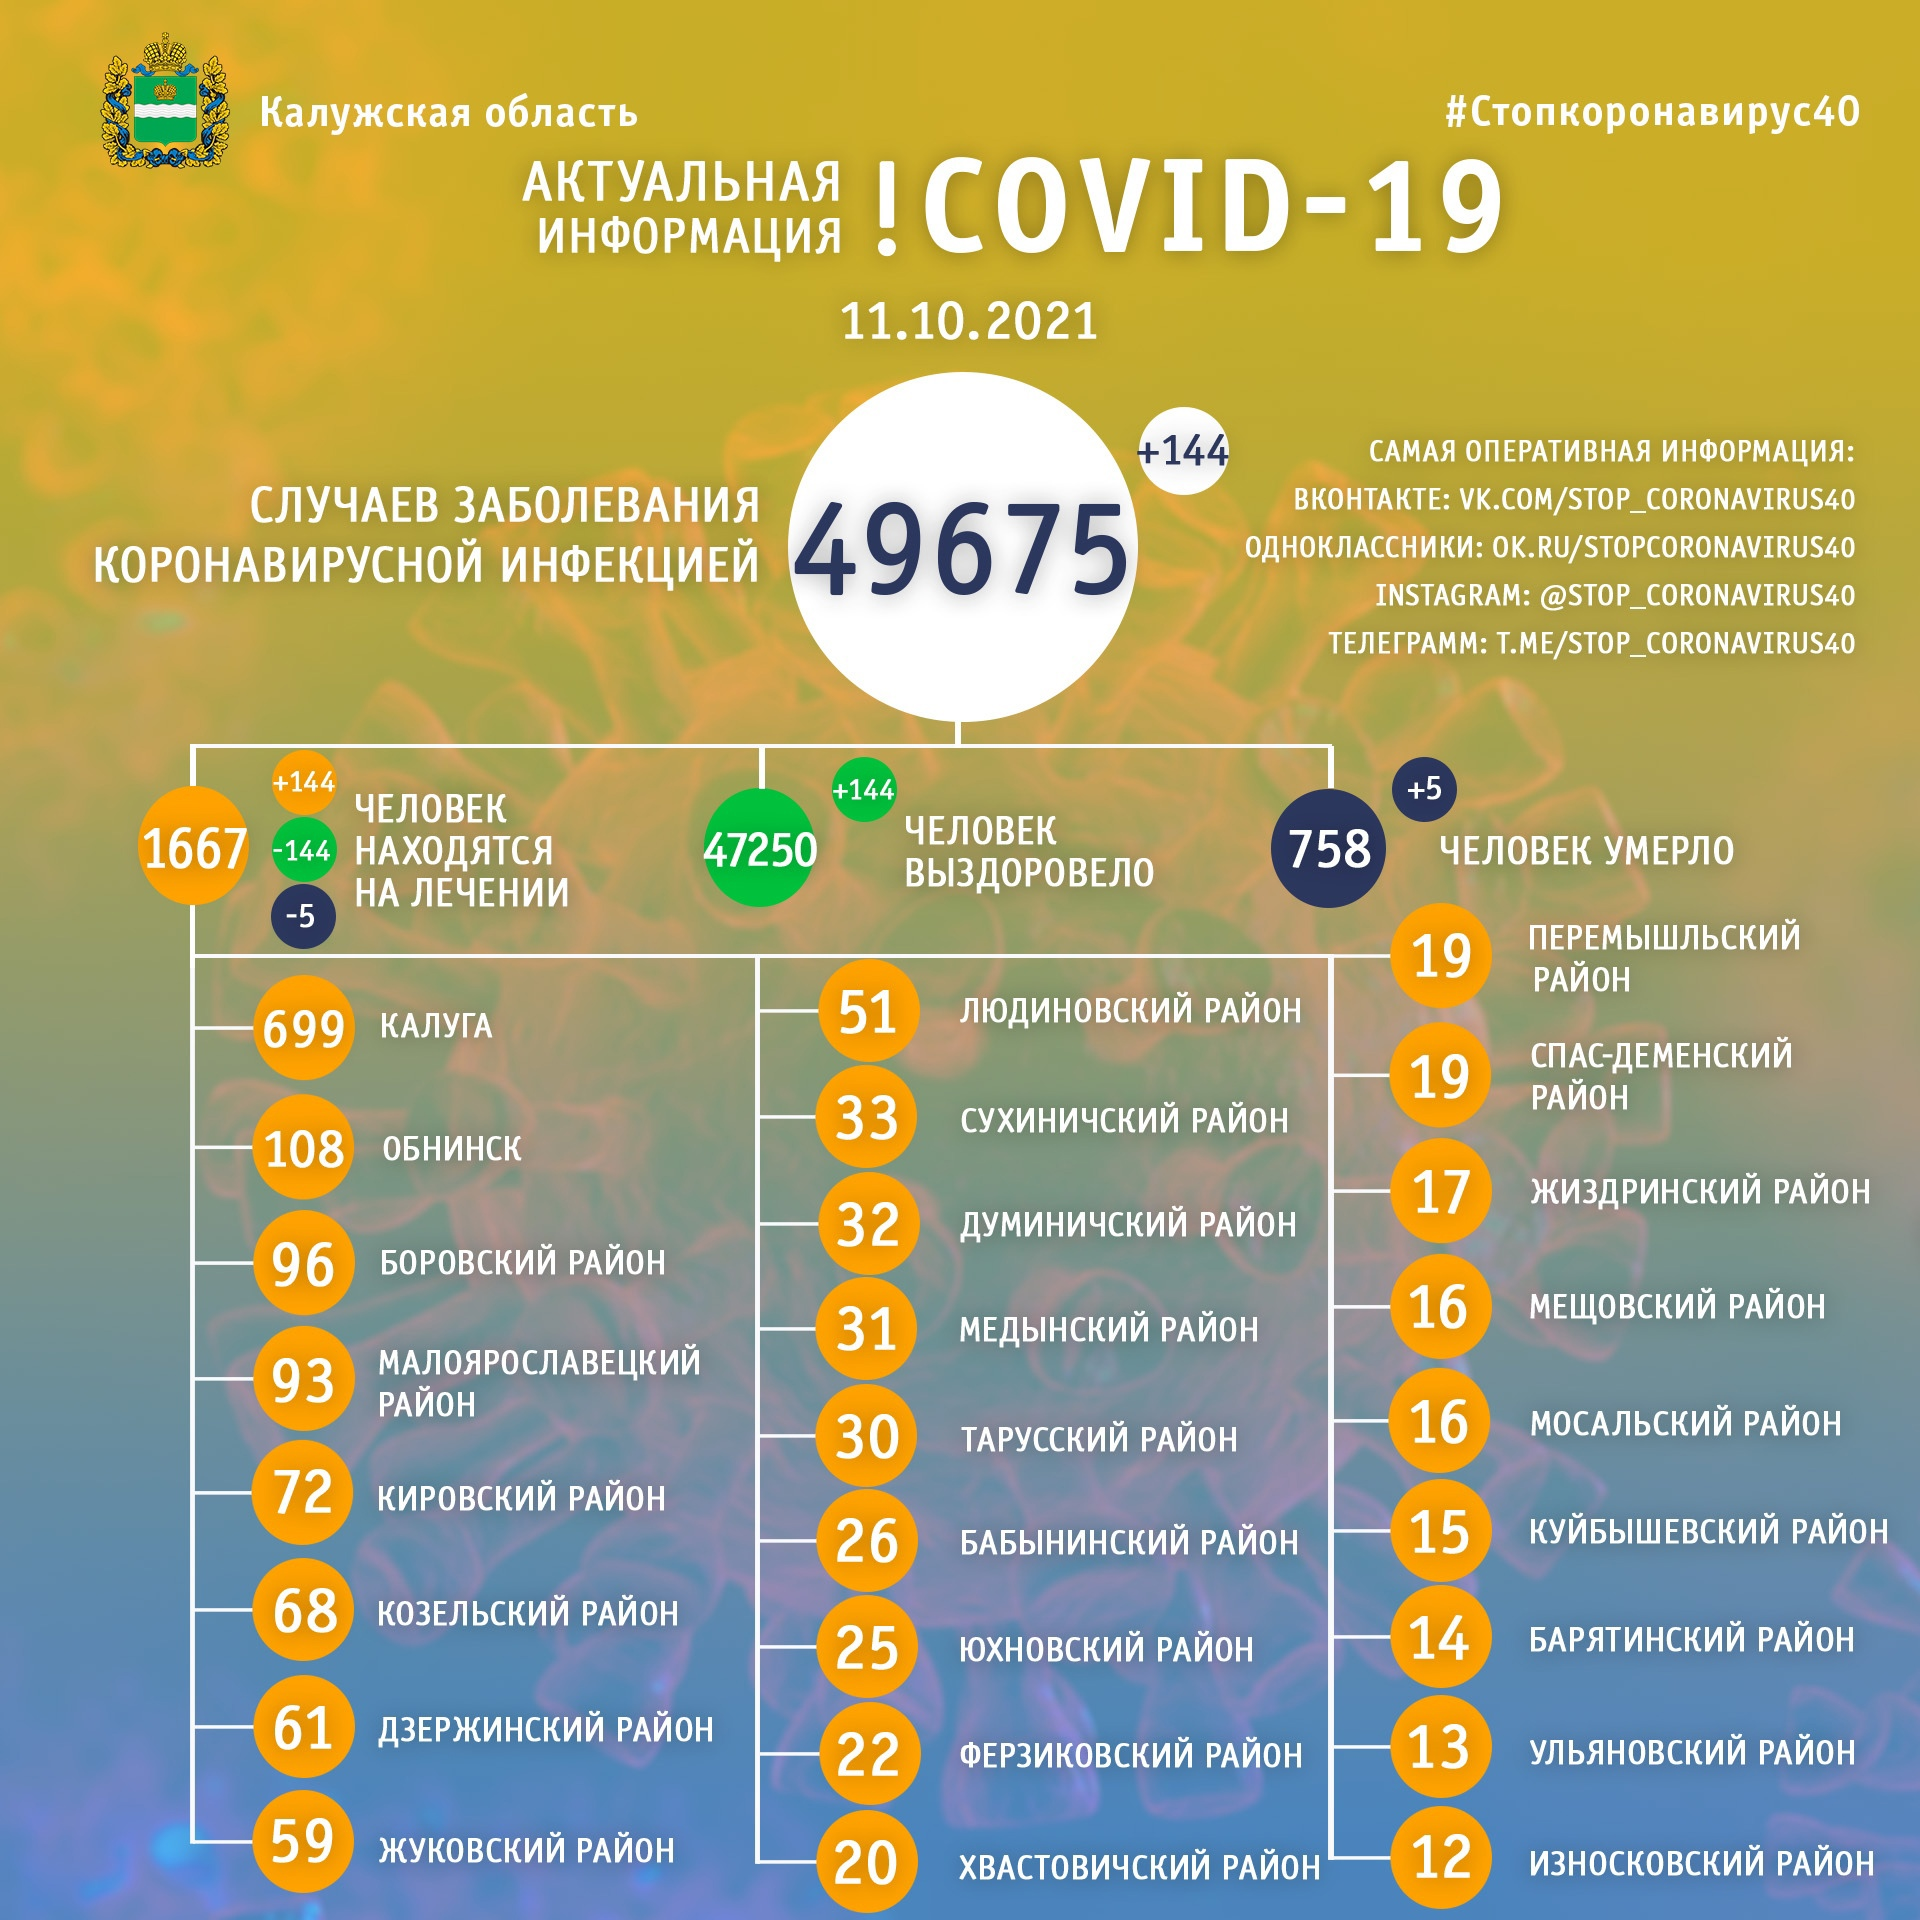 Официальная статистика по коронавирусу в Калужской области на 11 октября 2021 года.